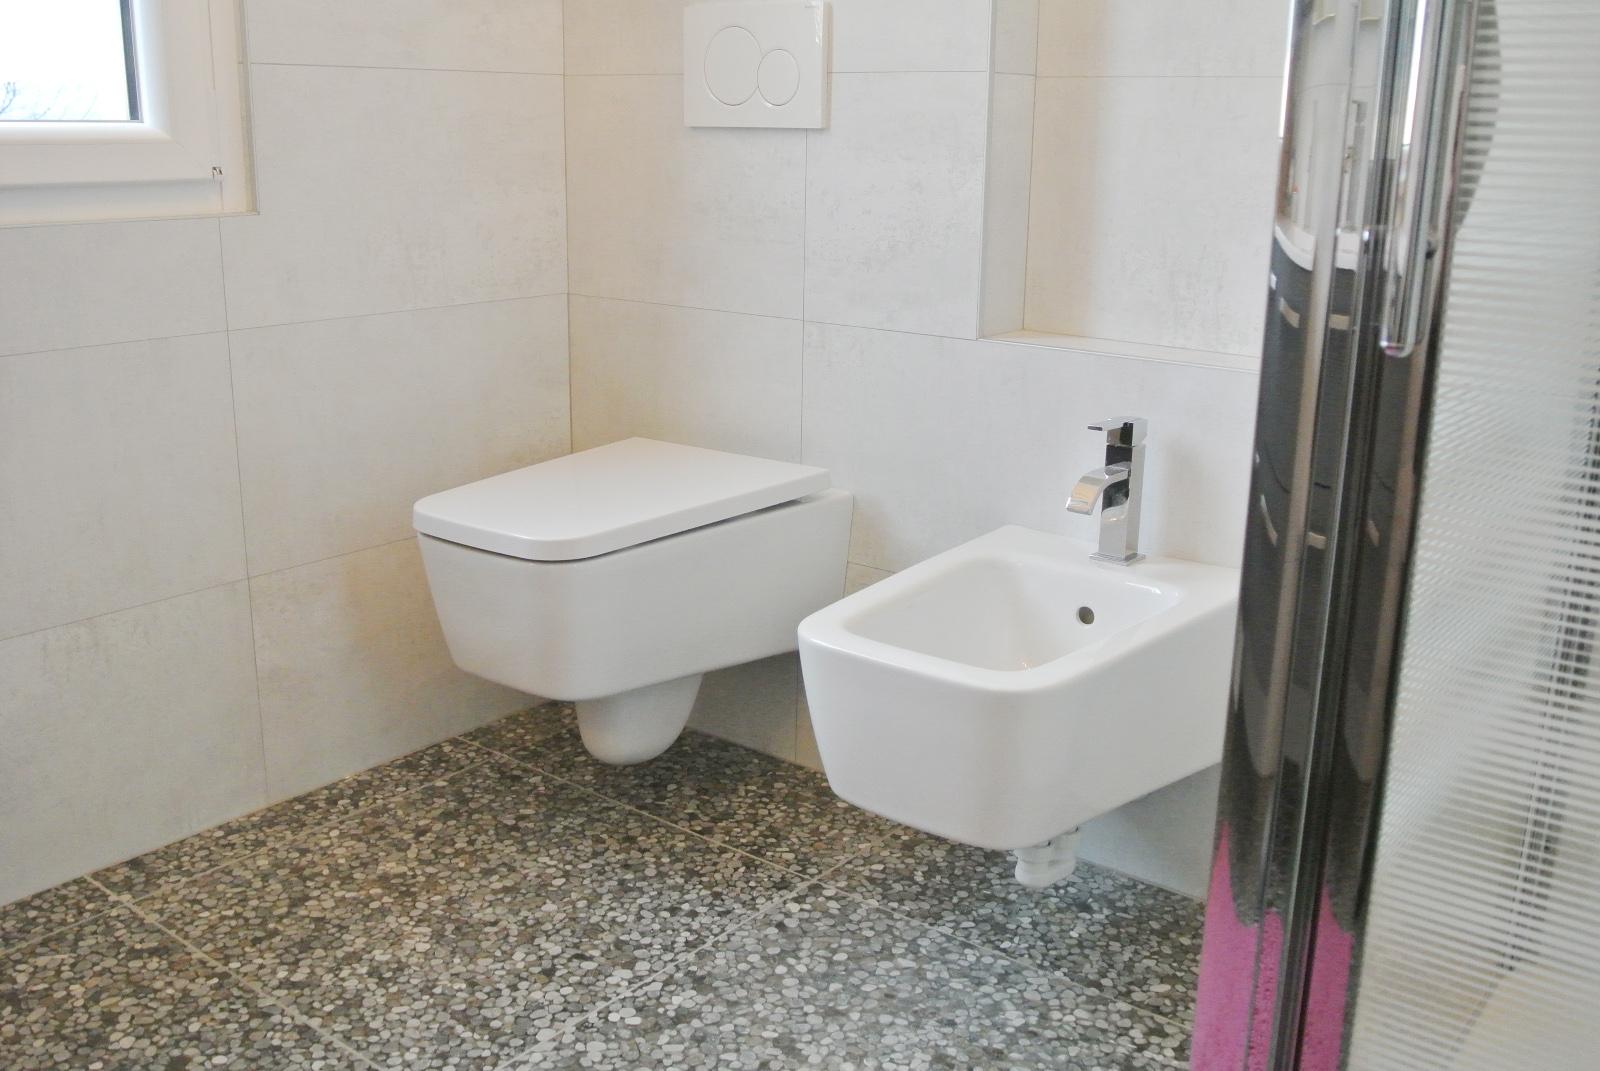 sintesibagno-verbania-canton-ticino-sviezzera-arredobagno-mobile-bagno-rubinetteria-parete-in-cristallo-piatto-doccia-filo-pavimento-radiatore-arredo-specchiera-led-07